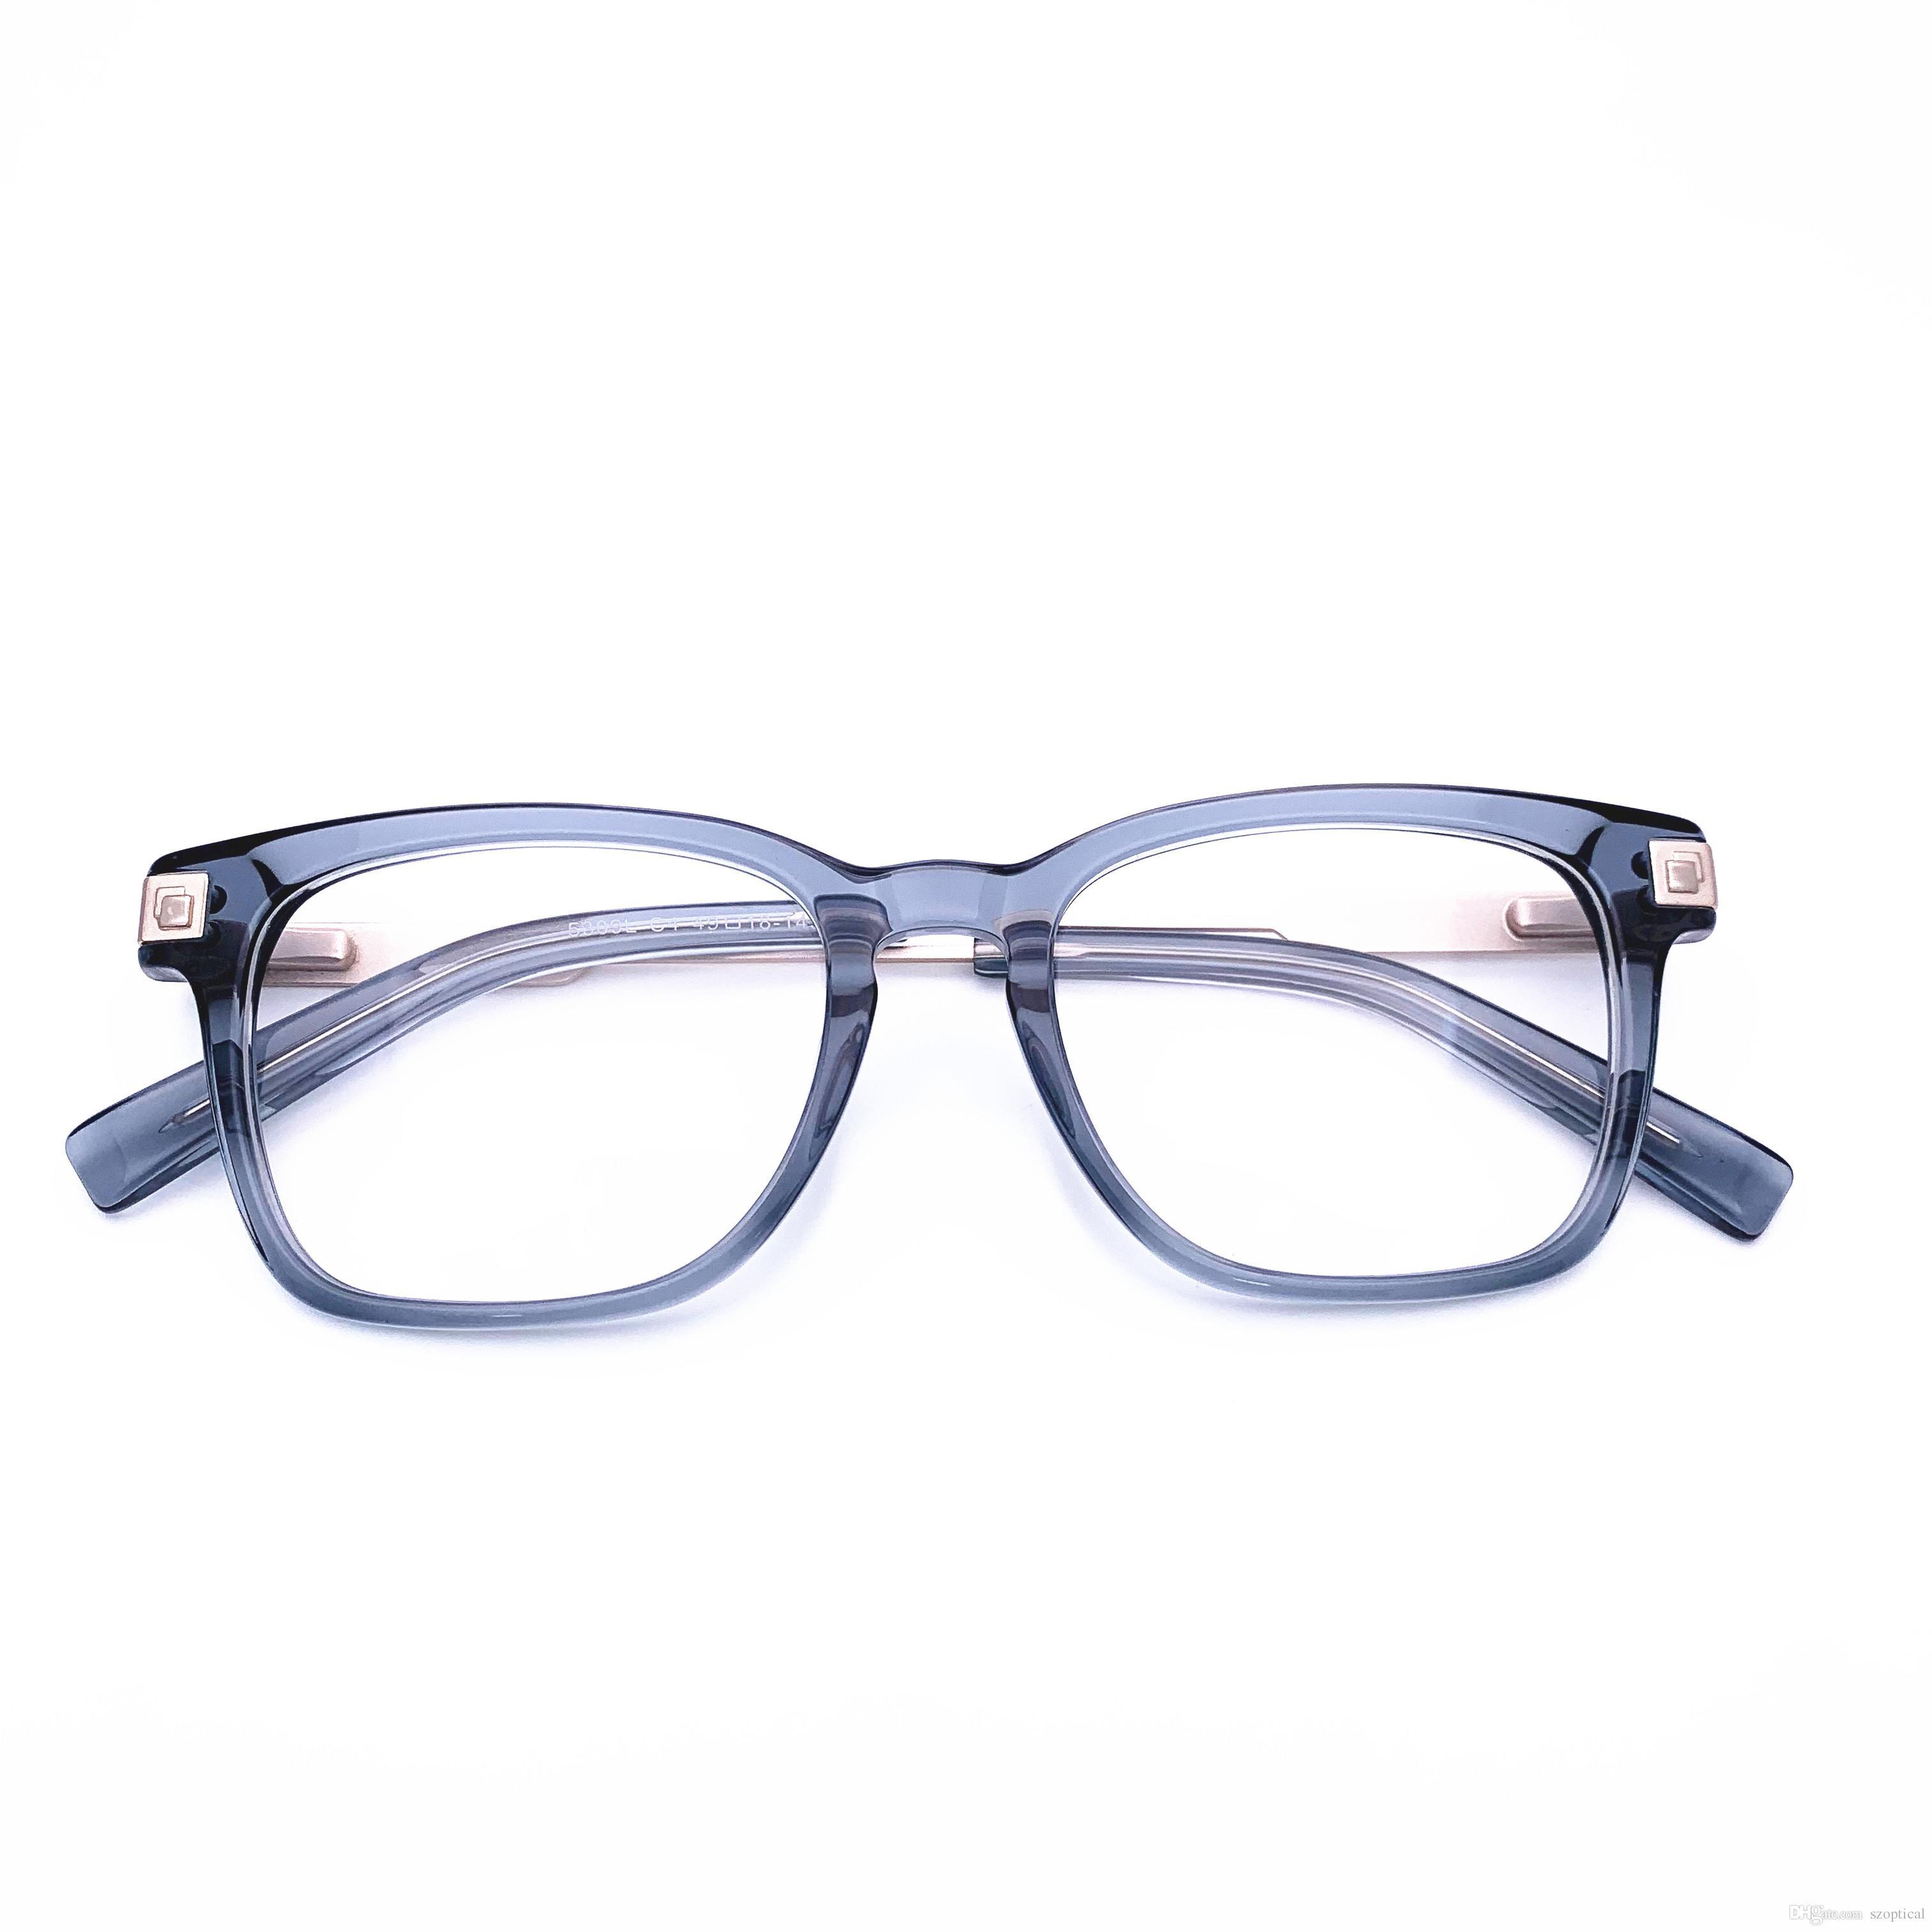 Belight conception optique des femmes des hommes de forme carrée monture de lunettes monture optique de qualité supérieure acétate optiques prescription claires Objectifs 5309